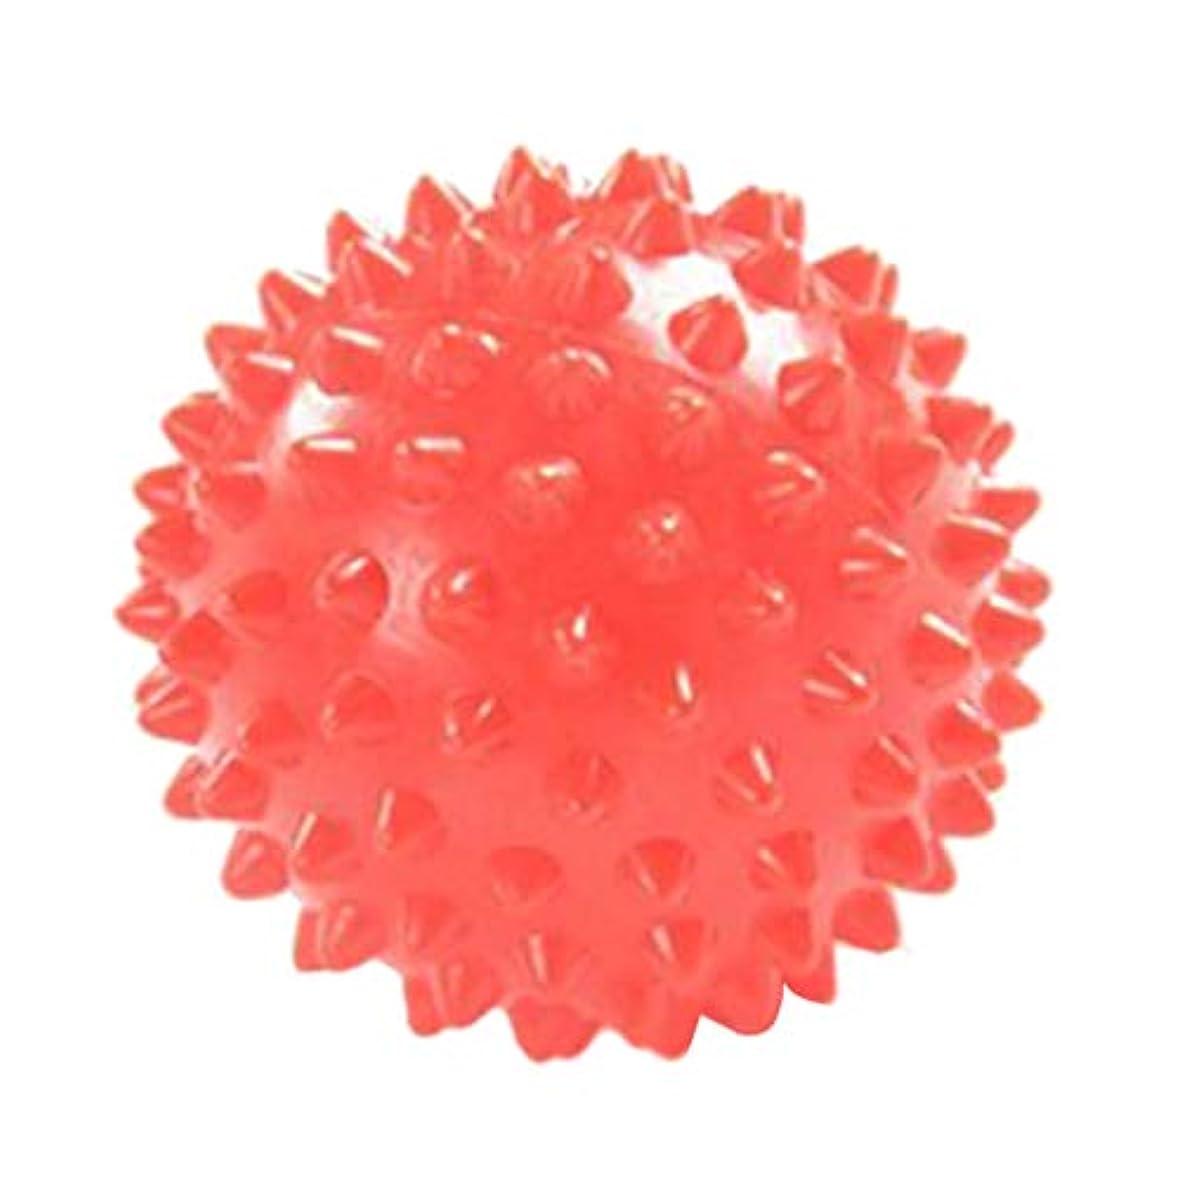 誠実さ白い服を洗うPerfeclan ヨガ マッサージボール 触覚ボール ツボ押し 7cm オレンジ